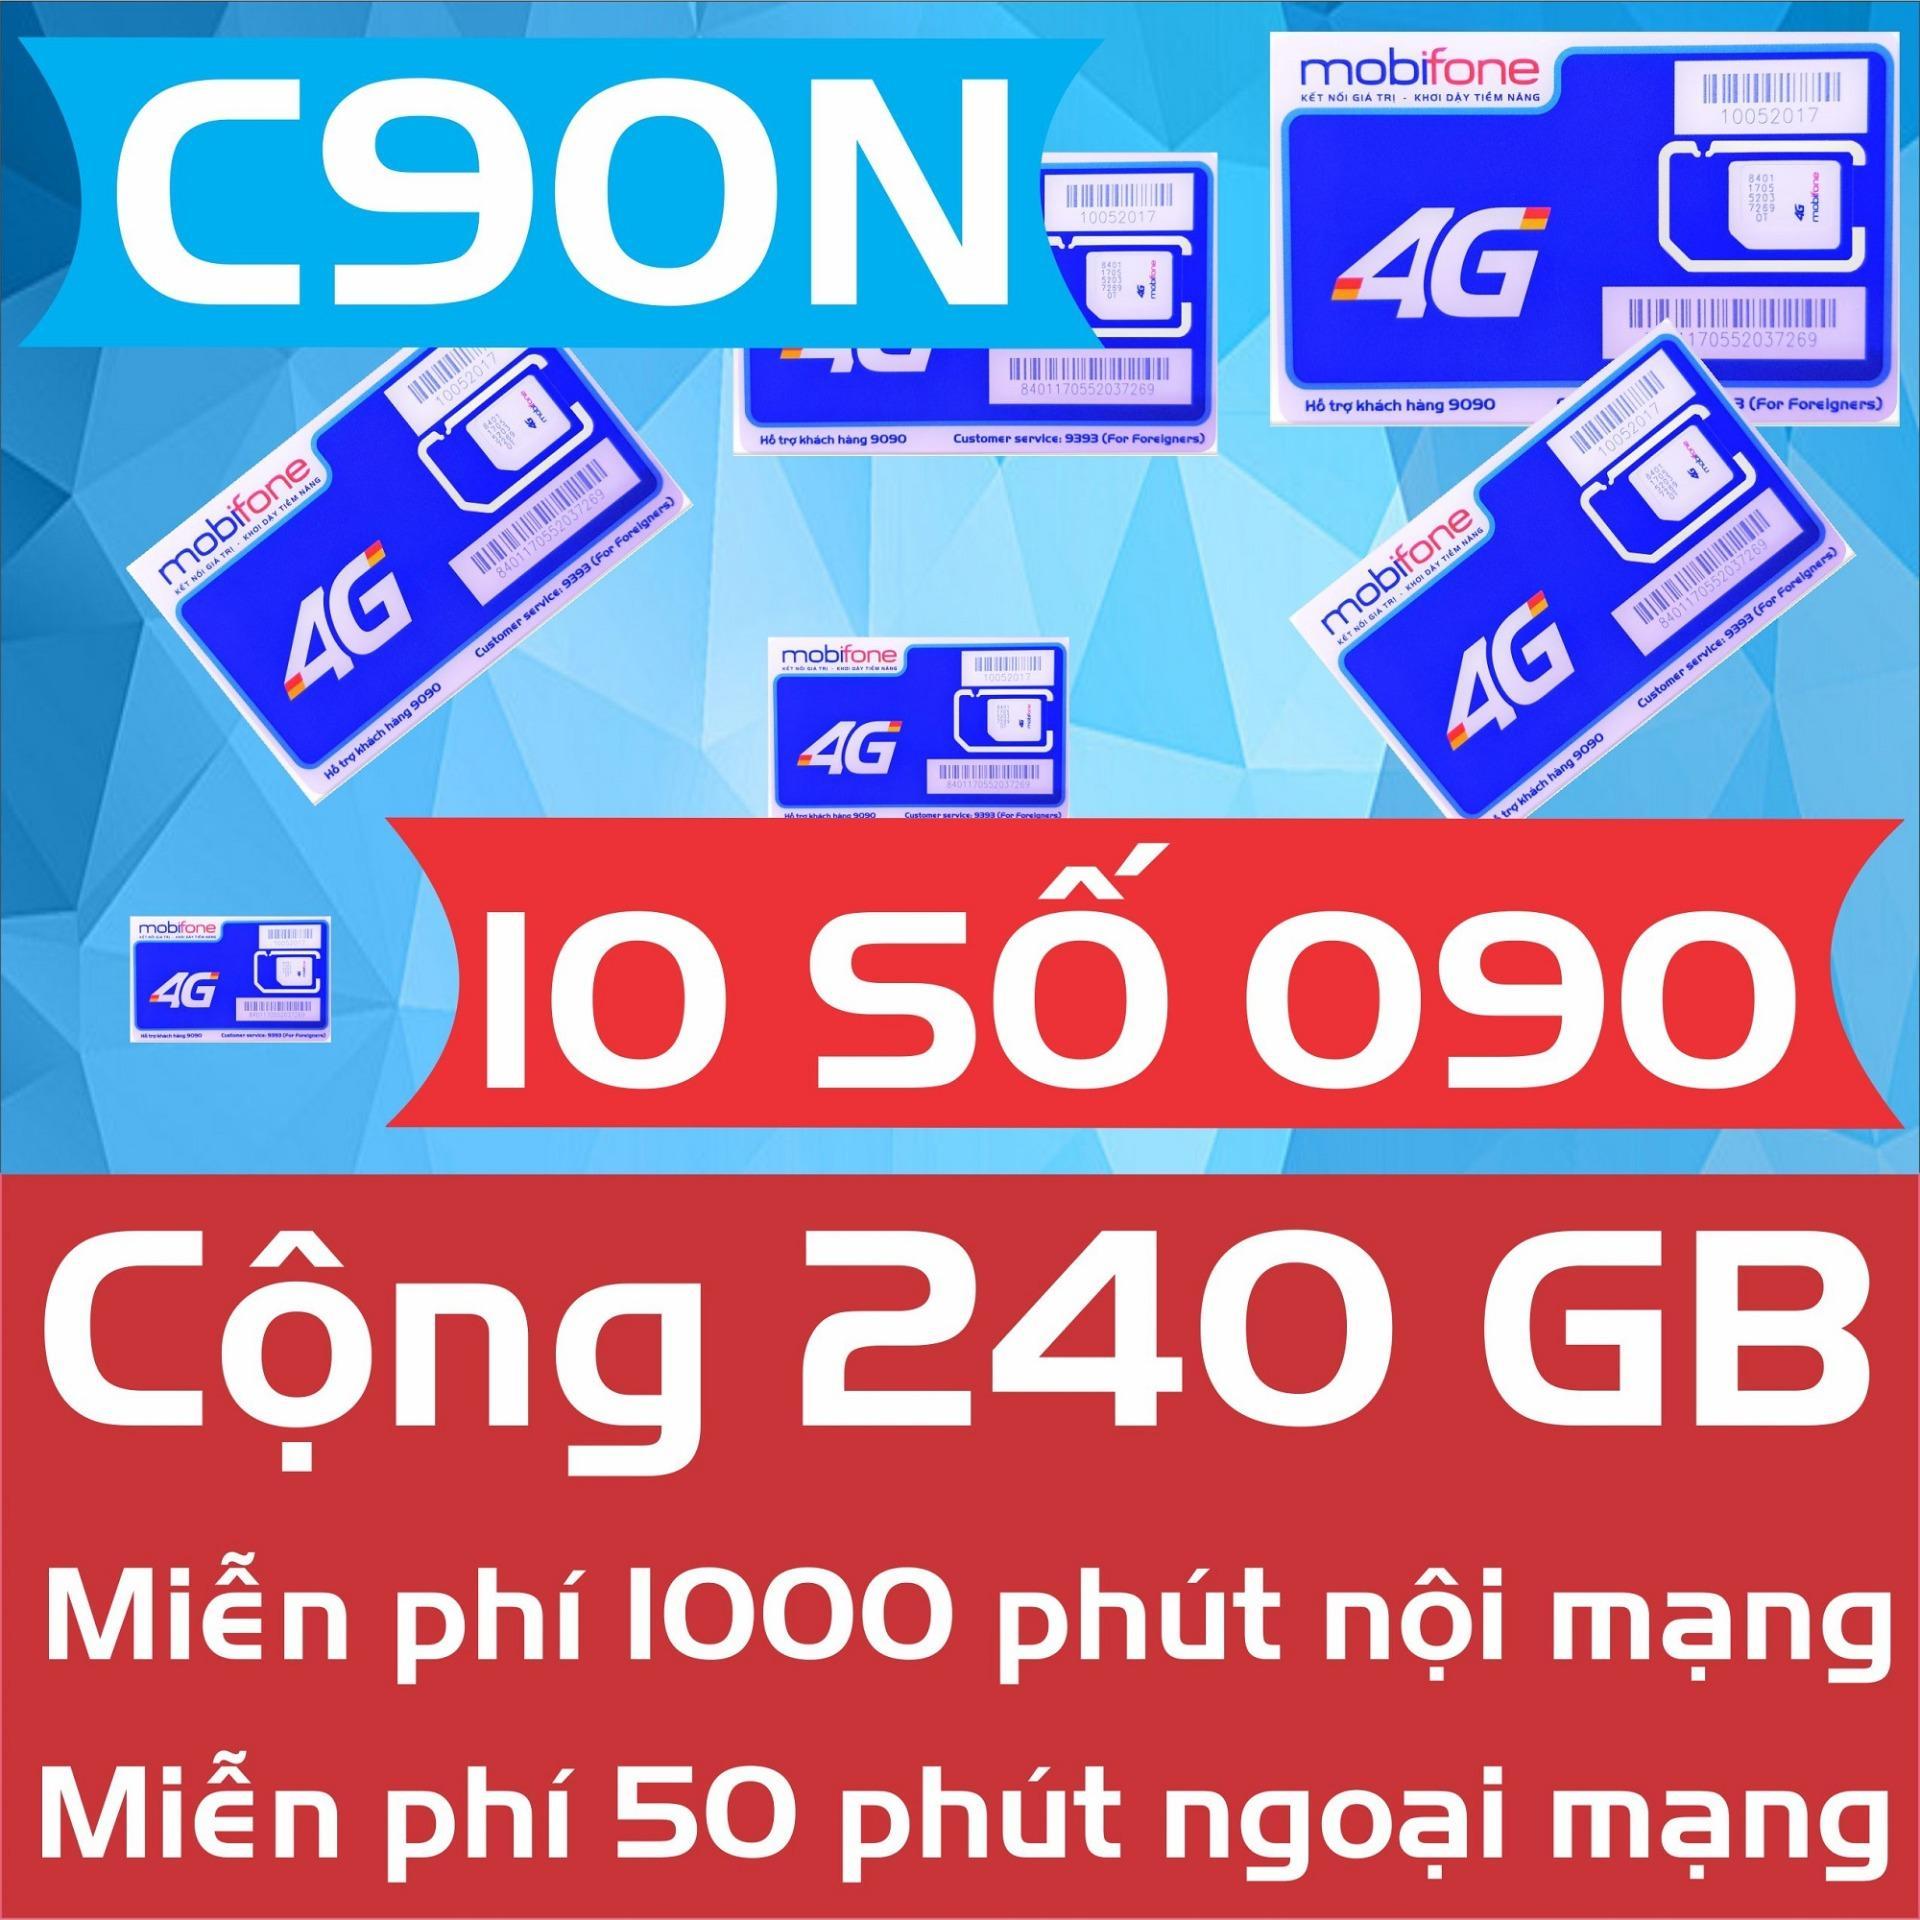 Hình ảnh SIM C90N 4G/3G MOBIFONE 240 GB + GỌI MIỄN PHÍ